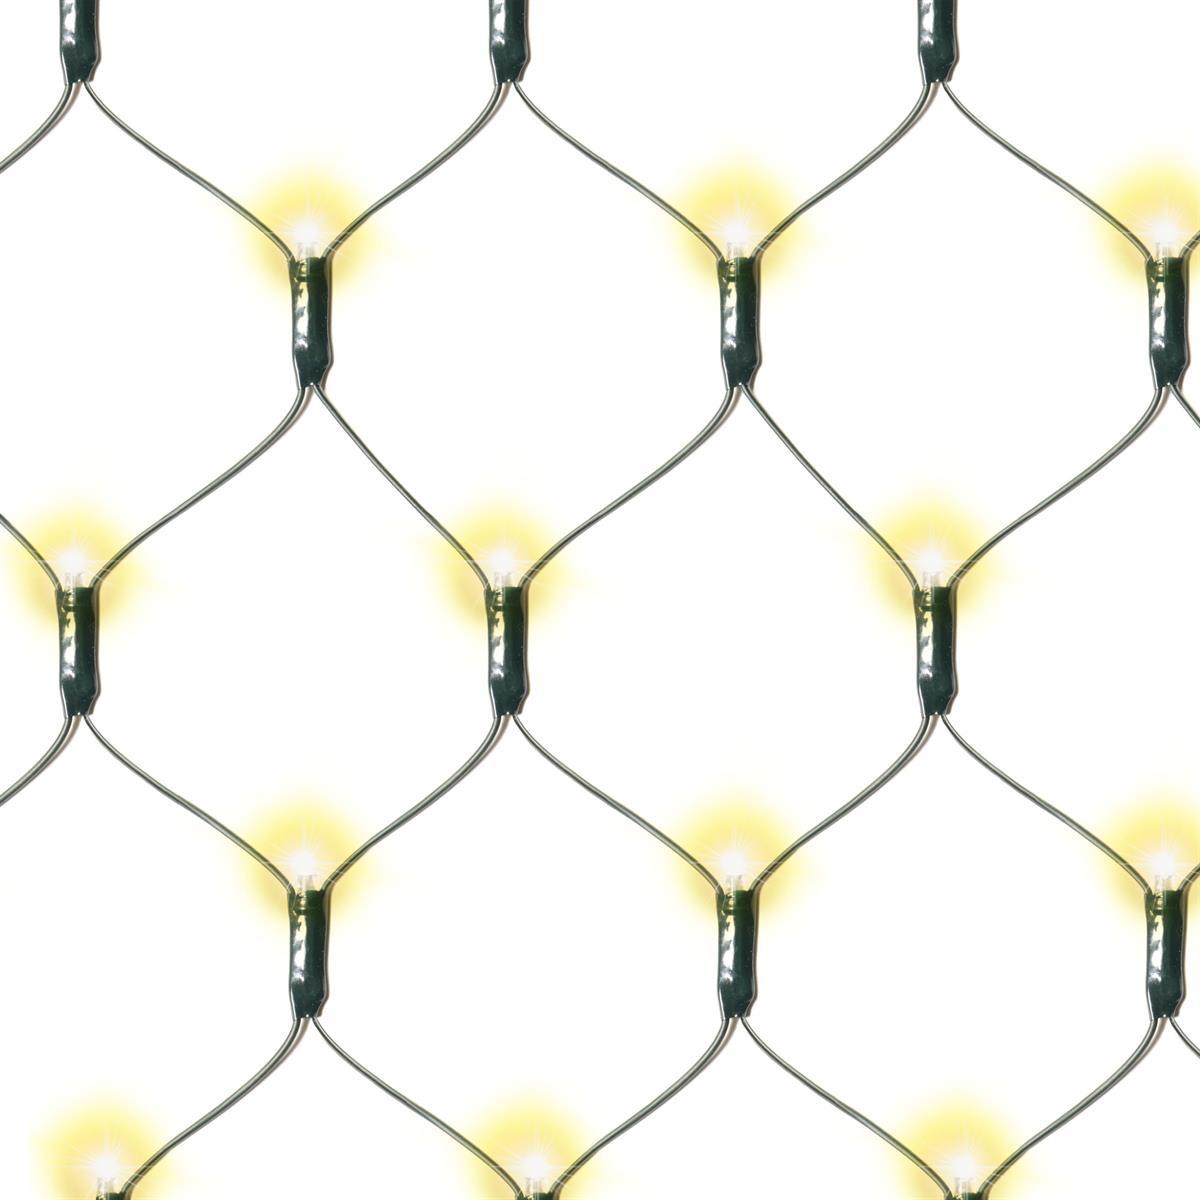 Lichternetz Solar 105 LED warm weiß Pavillon Beleuchtung mit Blinkfunktion